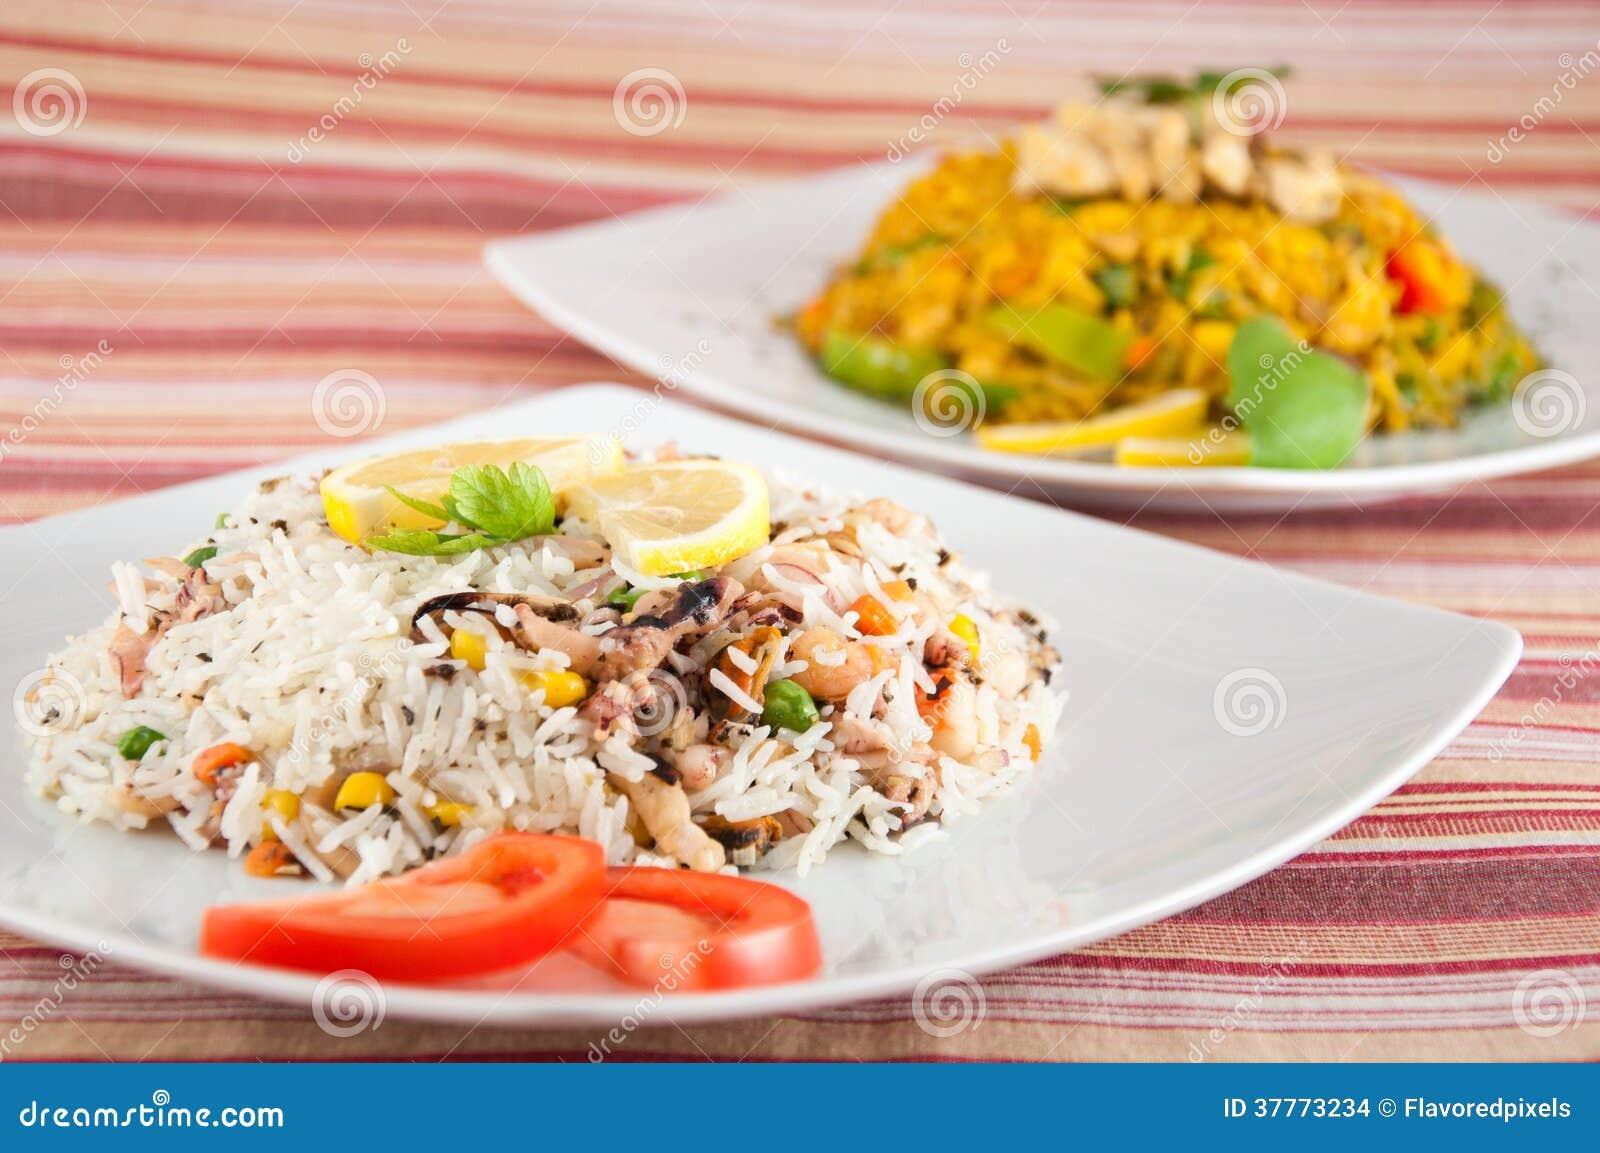 cuisine indienne - riz avec des fruits de mer images stock - image